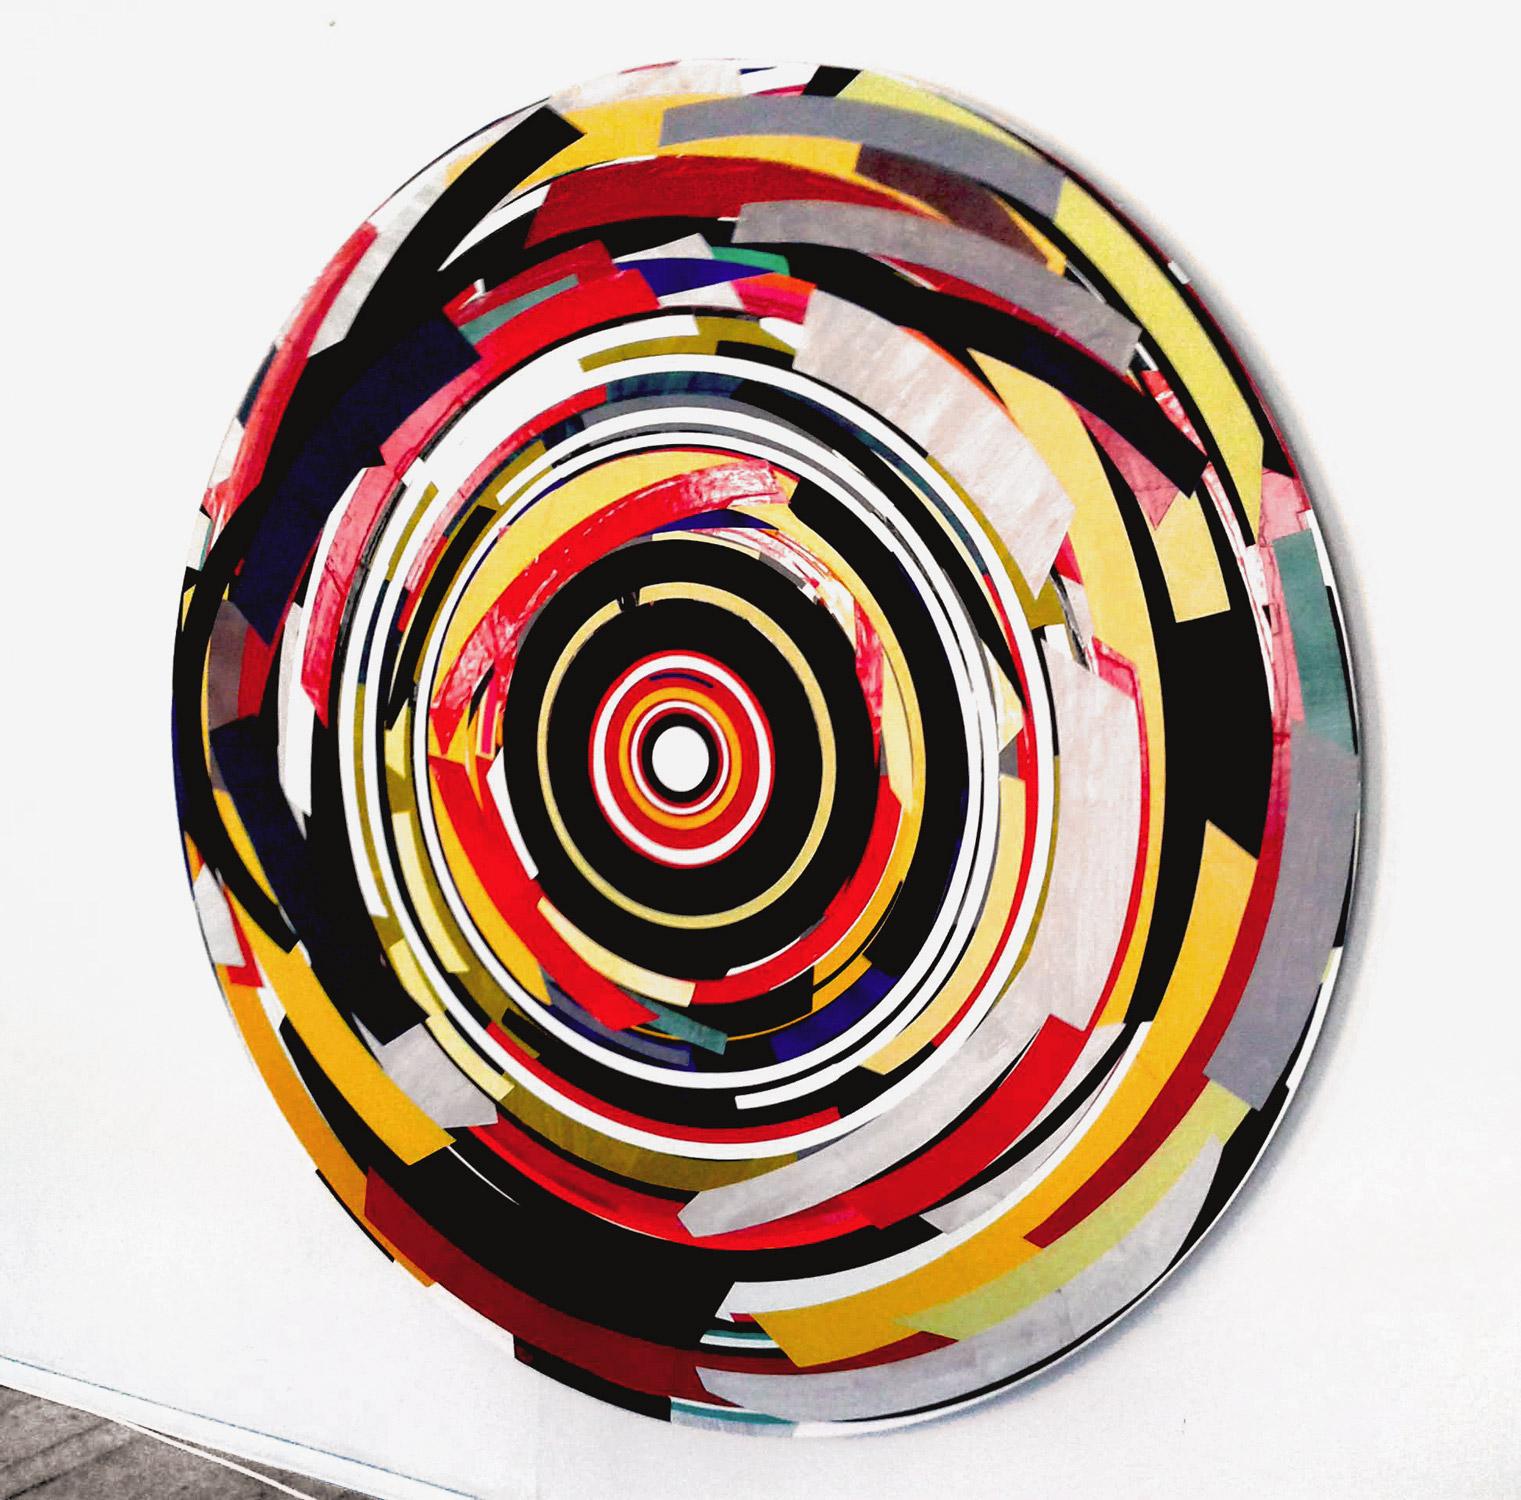 Herwig Steiner (1956L), Postattrappe F1S0-51b, 2009, Collage, Ø ca. 197cm